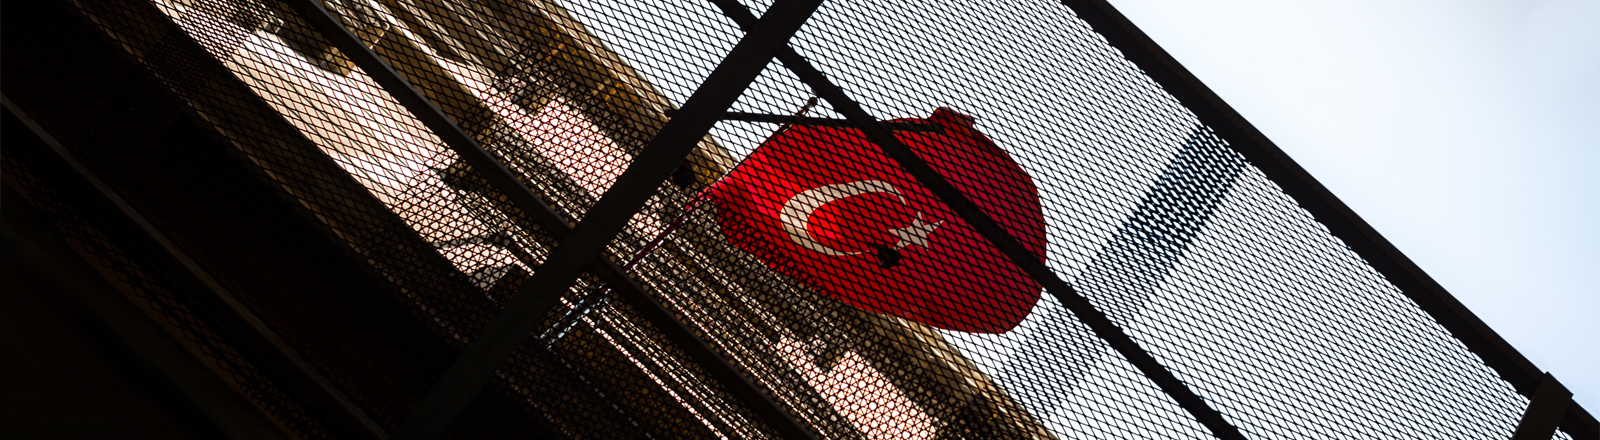 Türkeiflagge an einem Haus